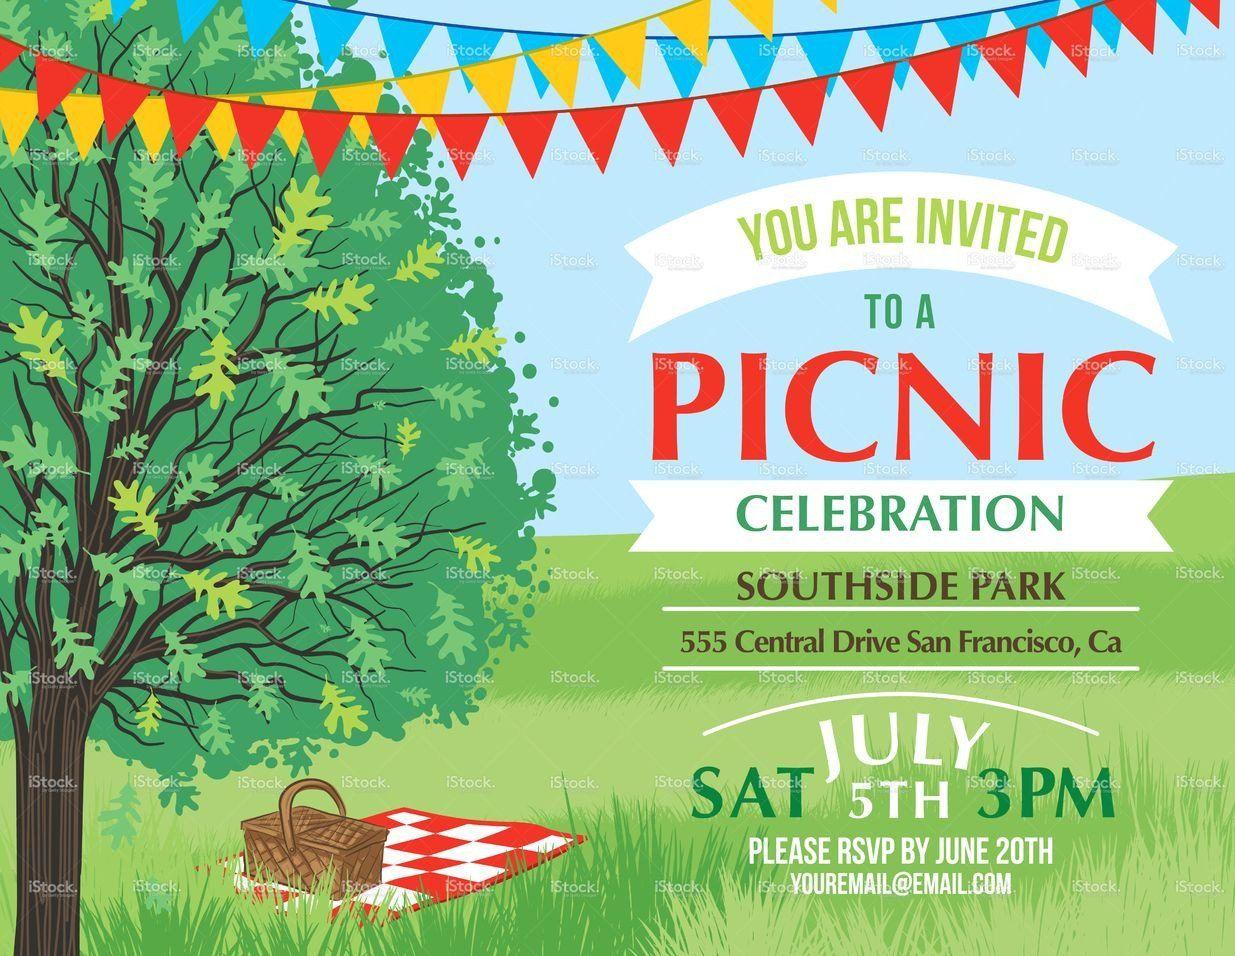 Free Downloadable Picnic Invitation Template Free Printable Picnic Invitation Party Invite Template Picnic Invitations Bbq Party Invitations